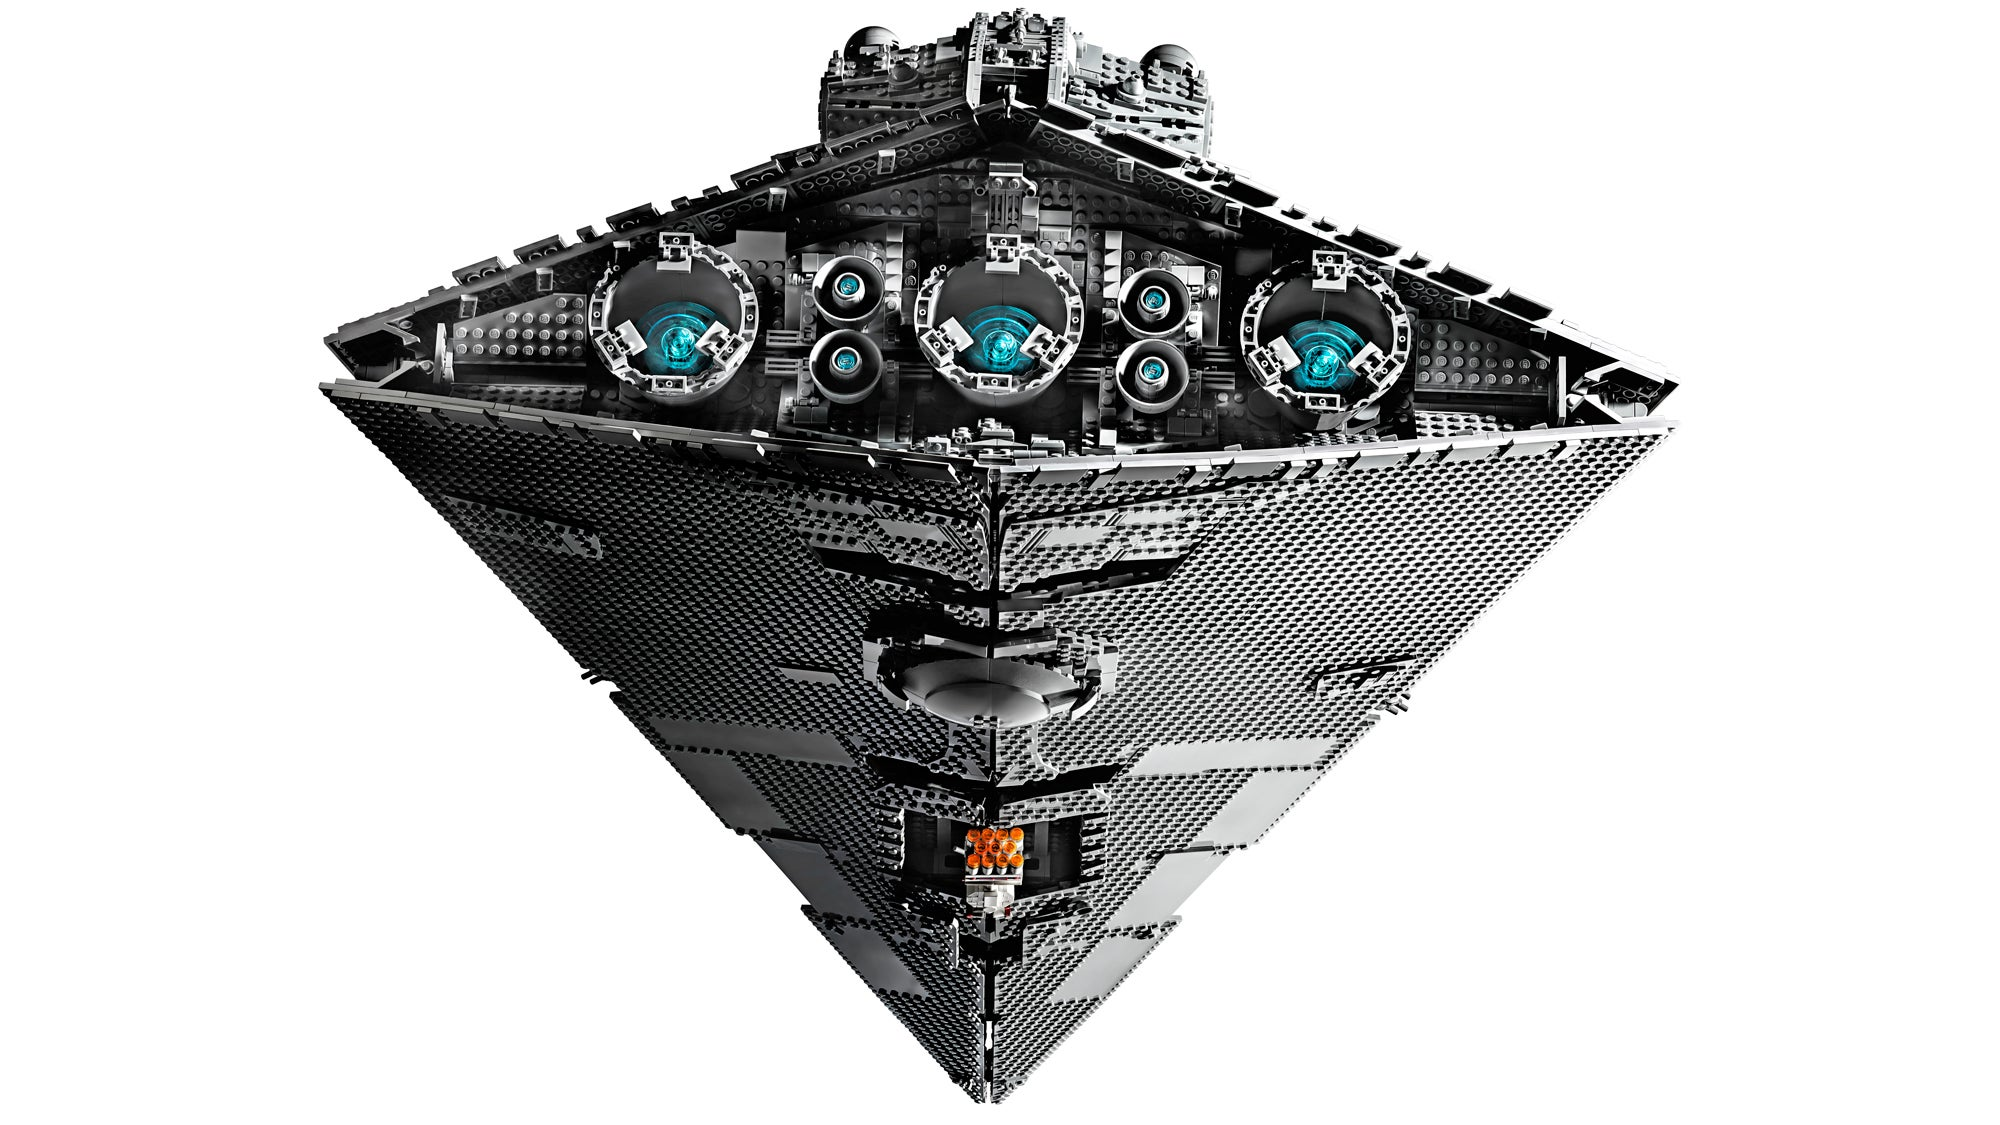 Photo: Lego